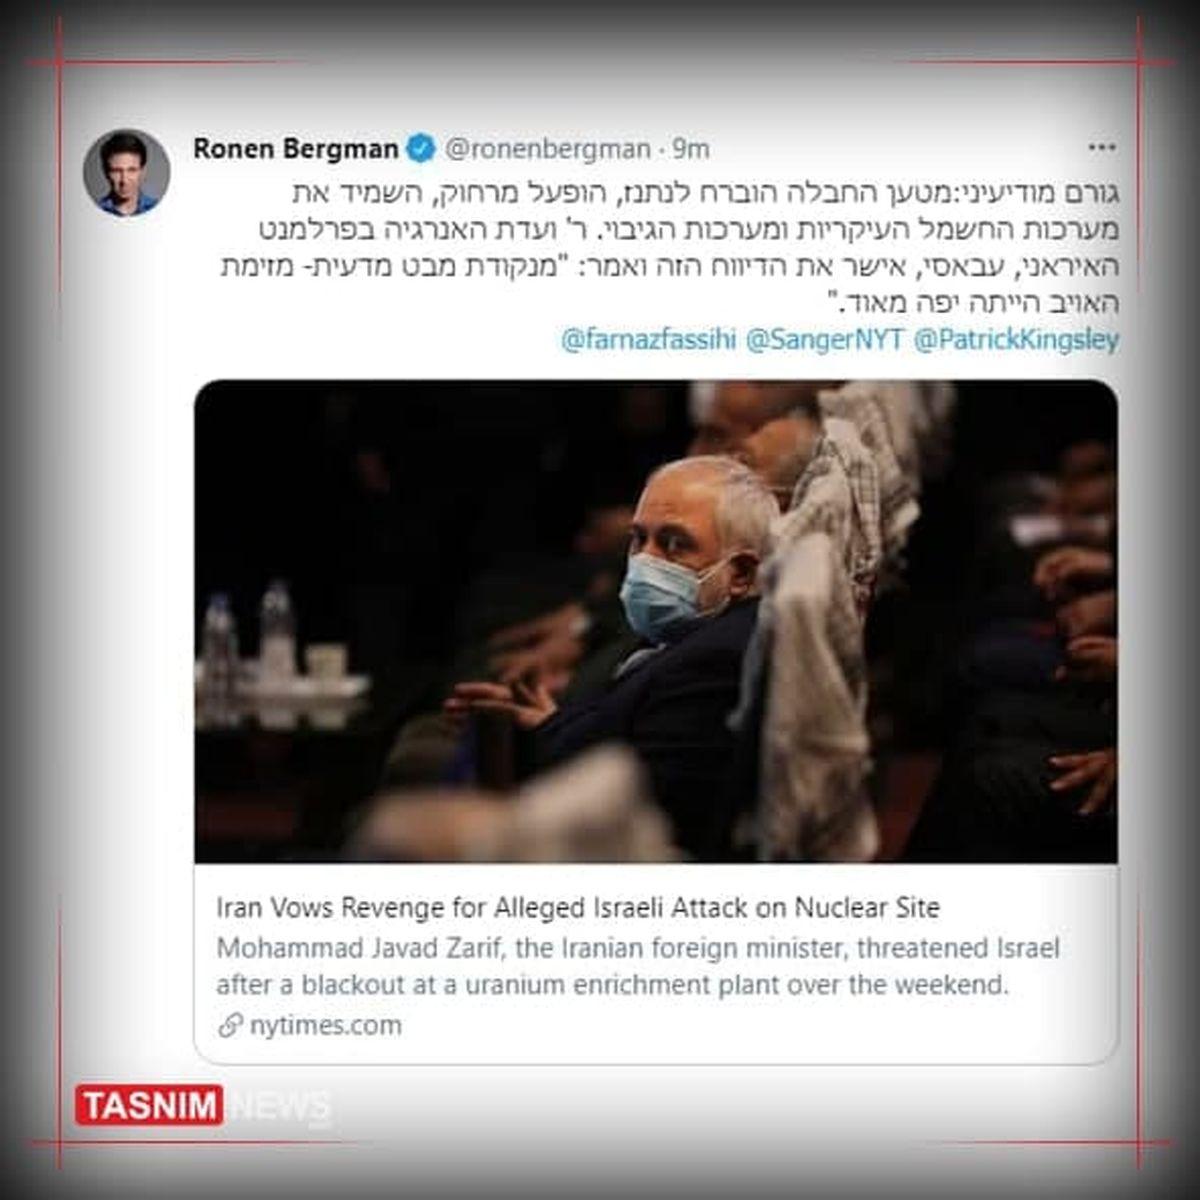 فوری/ ادعای خبرنگار امنیتی اسرائیل درباره نحوه ورود دستگاه انفجاری نطنز به ایران + سند